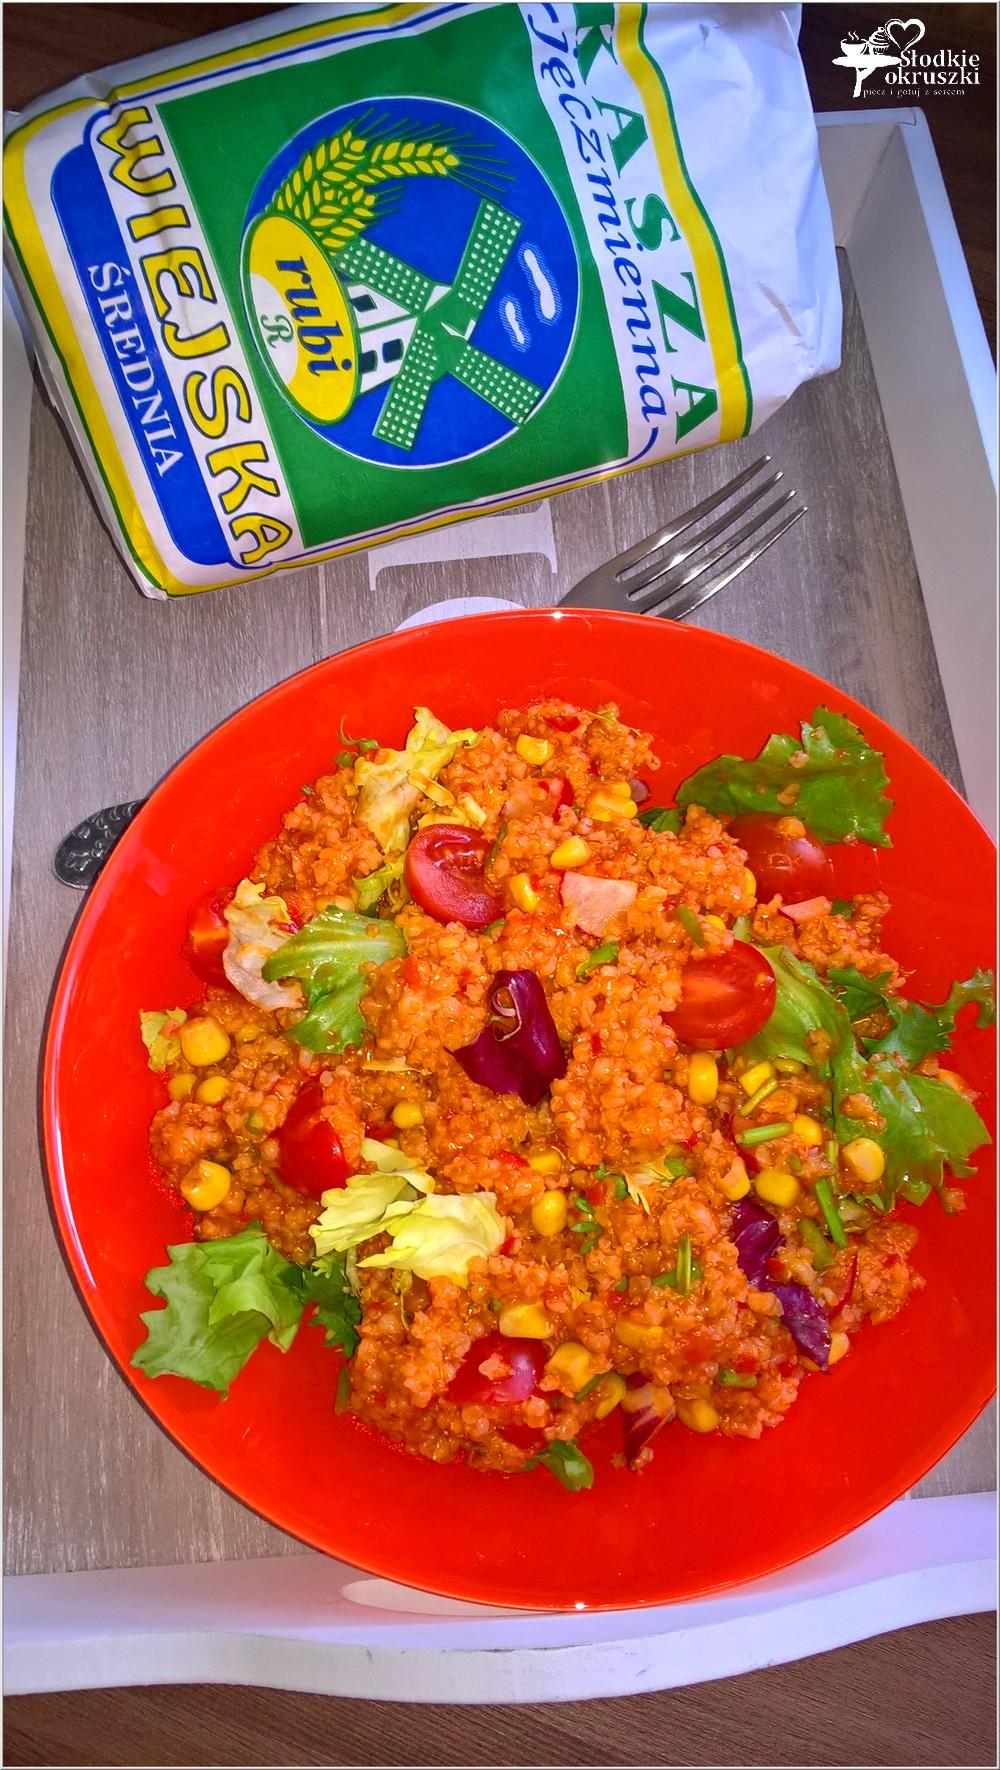 Zdrowa sałatka na bazie kaszy jęczmiennej (z ajvarem) (2)